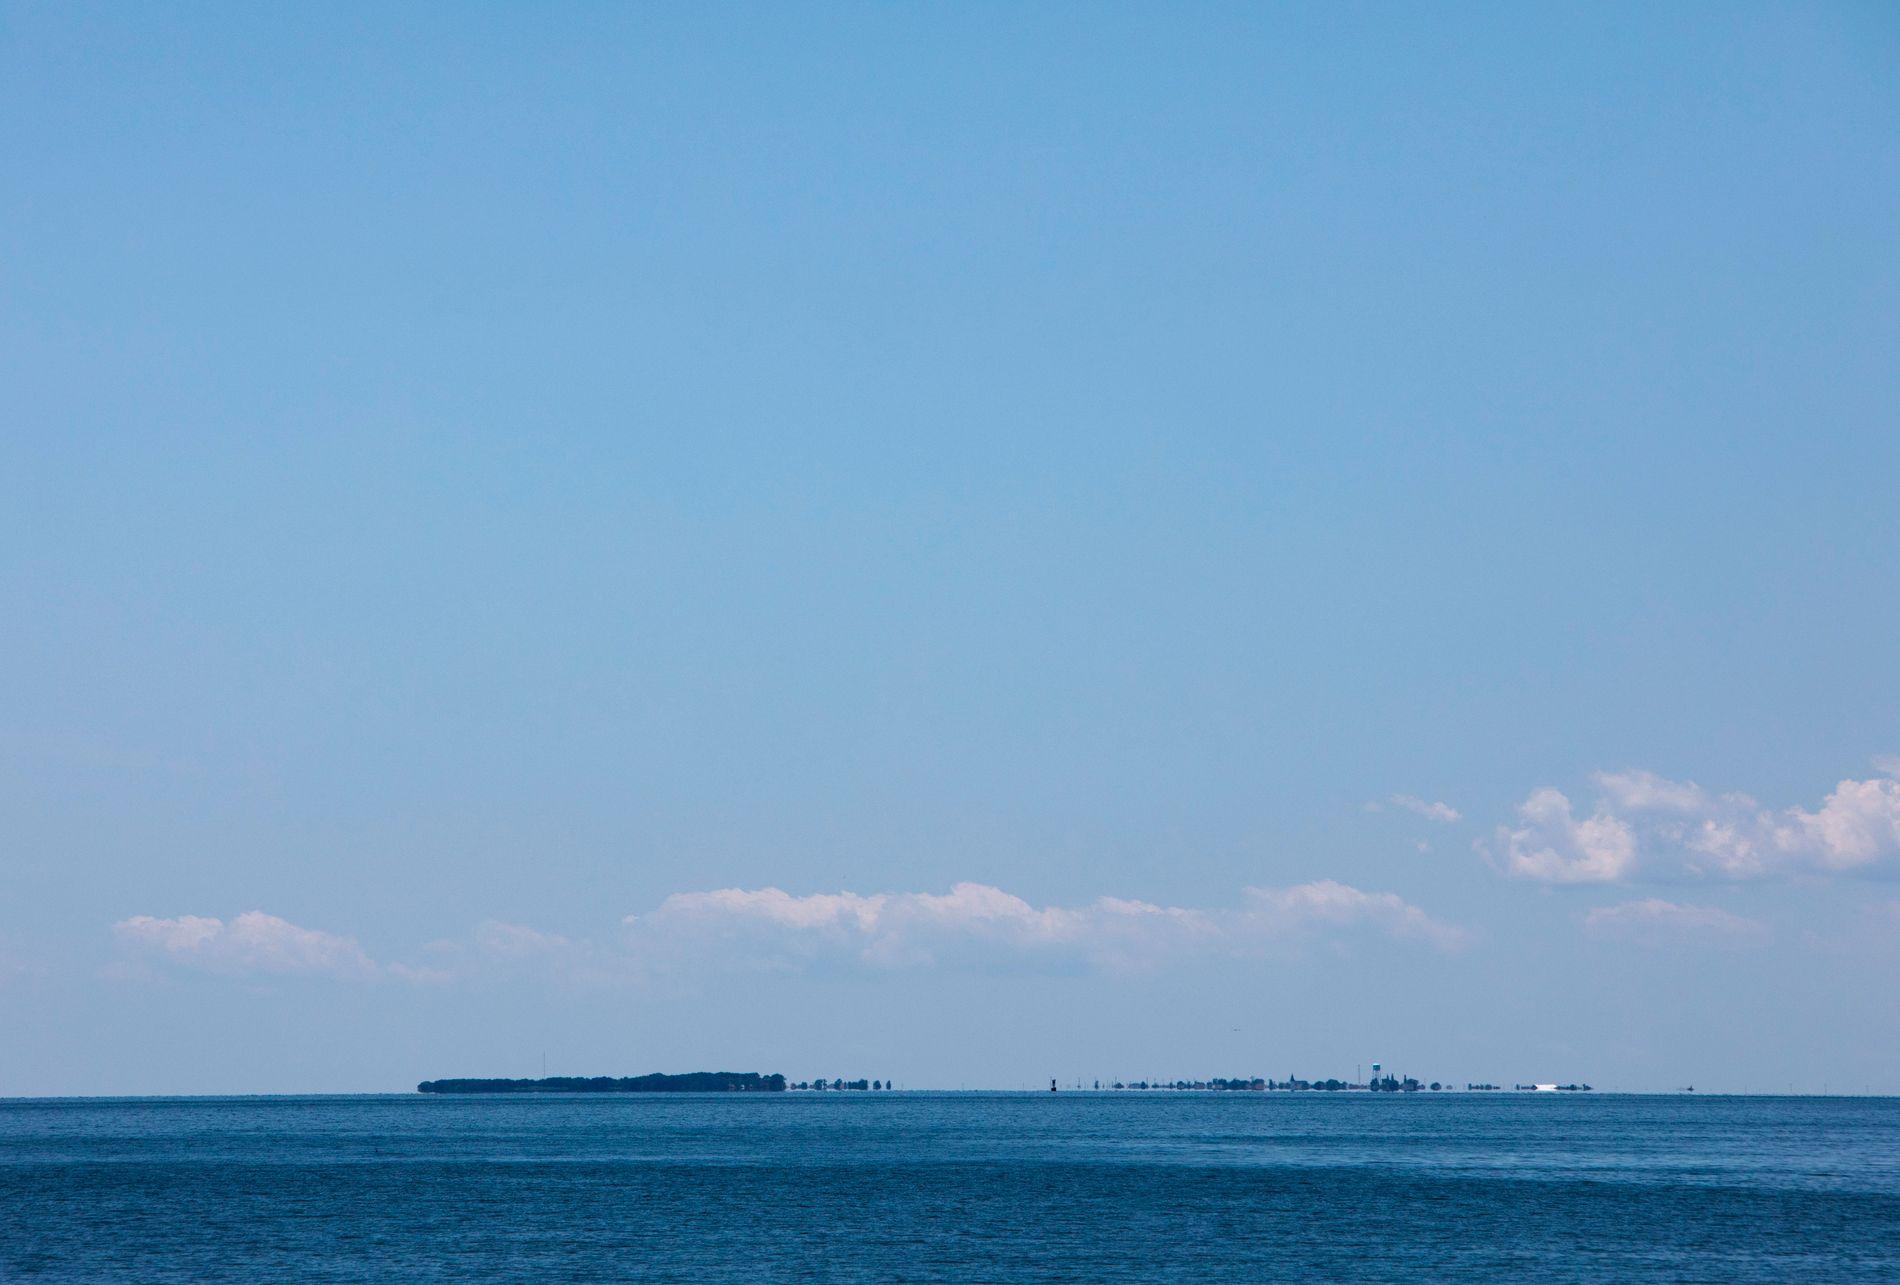 FLAT: Tangier Island er så lav at hadde det ikke vært for trærne ville øya knapt vært synlig i horisonten.